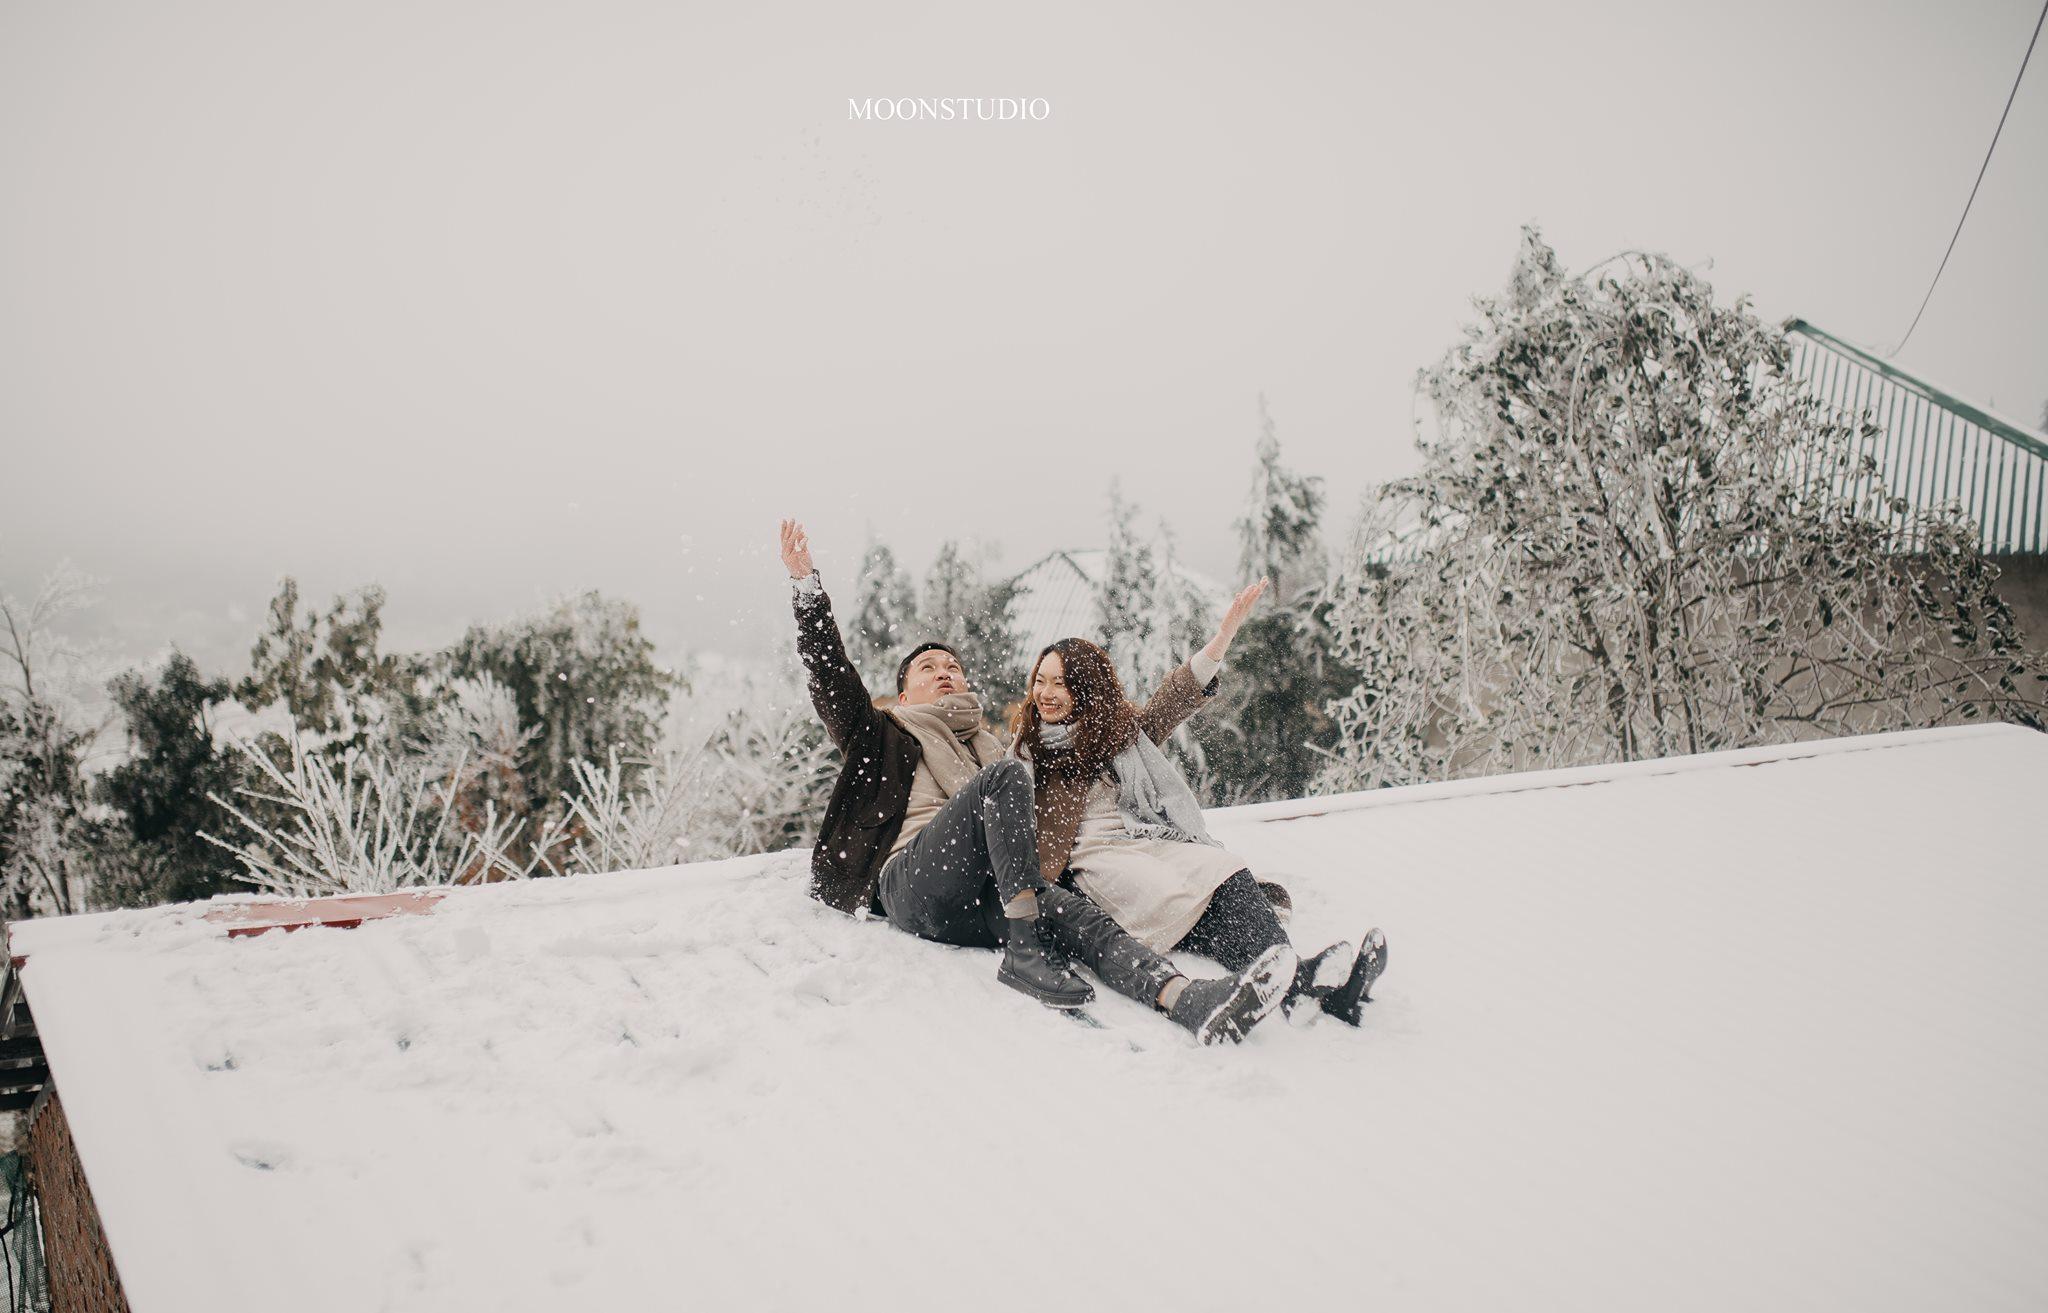 Cặp đôi tranh thủ chụp ảnh dưới tuyết cực lãng mạn - Nguồn ảnh: Long Moon